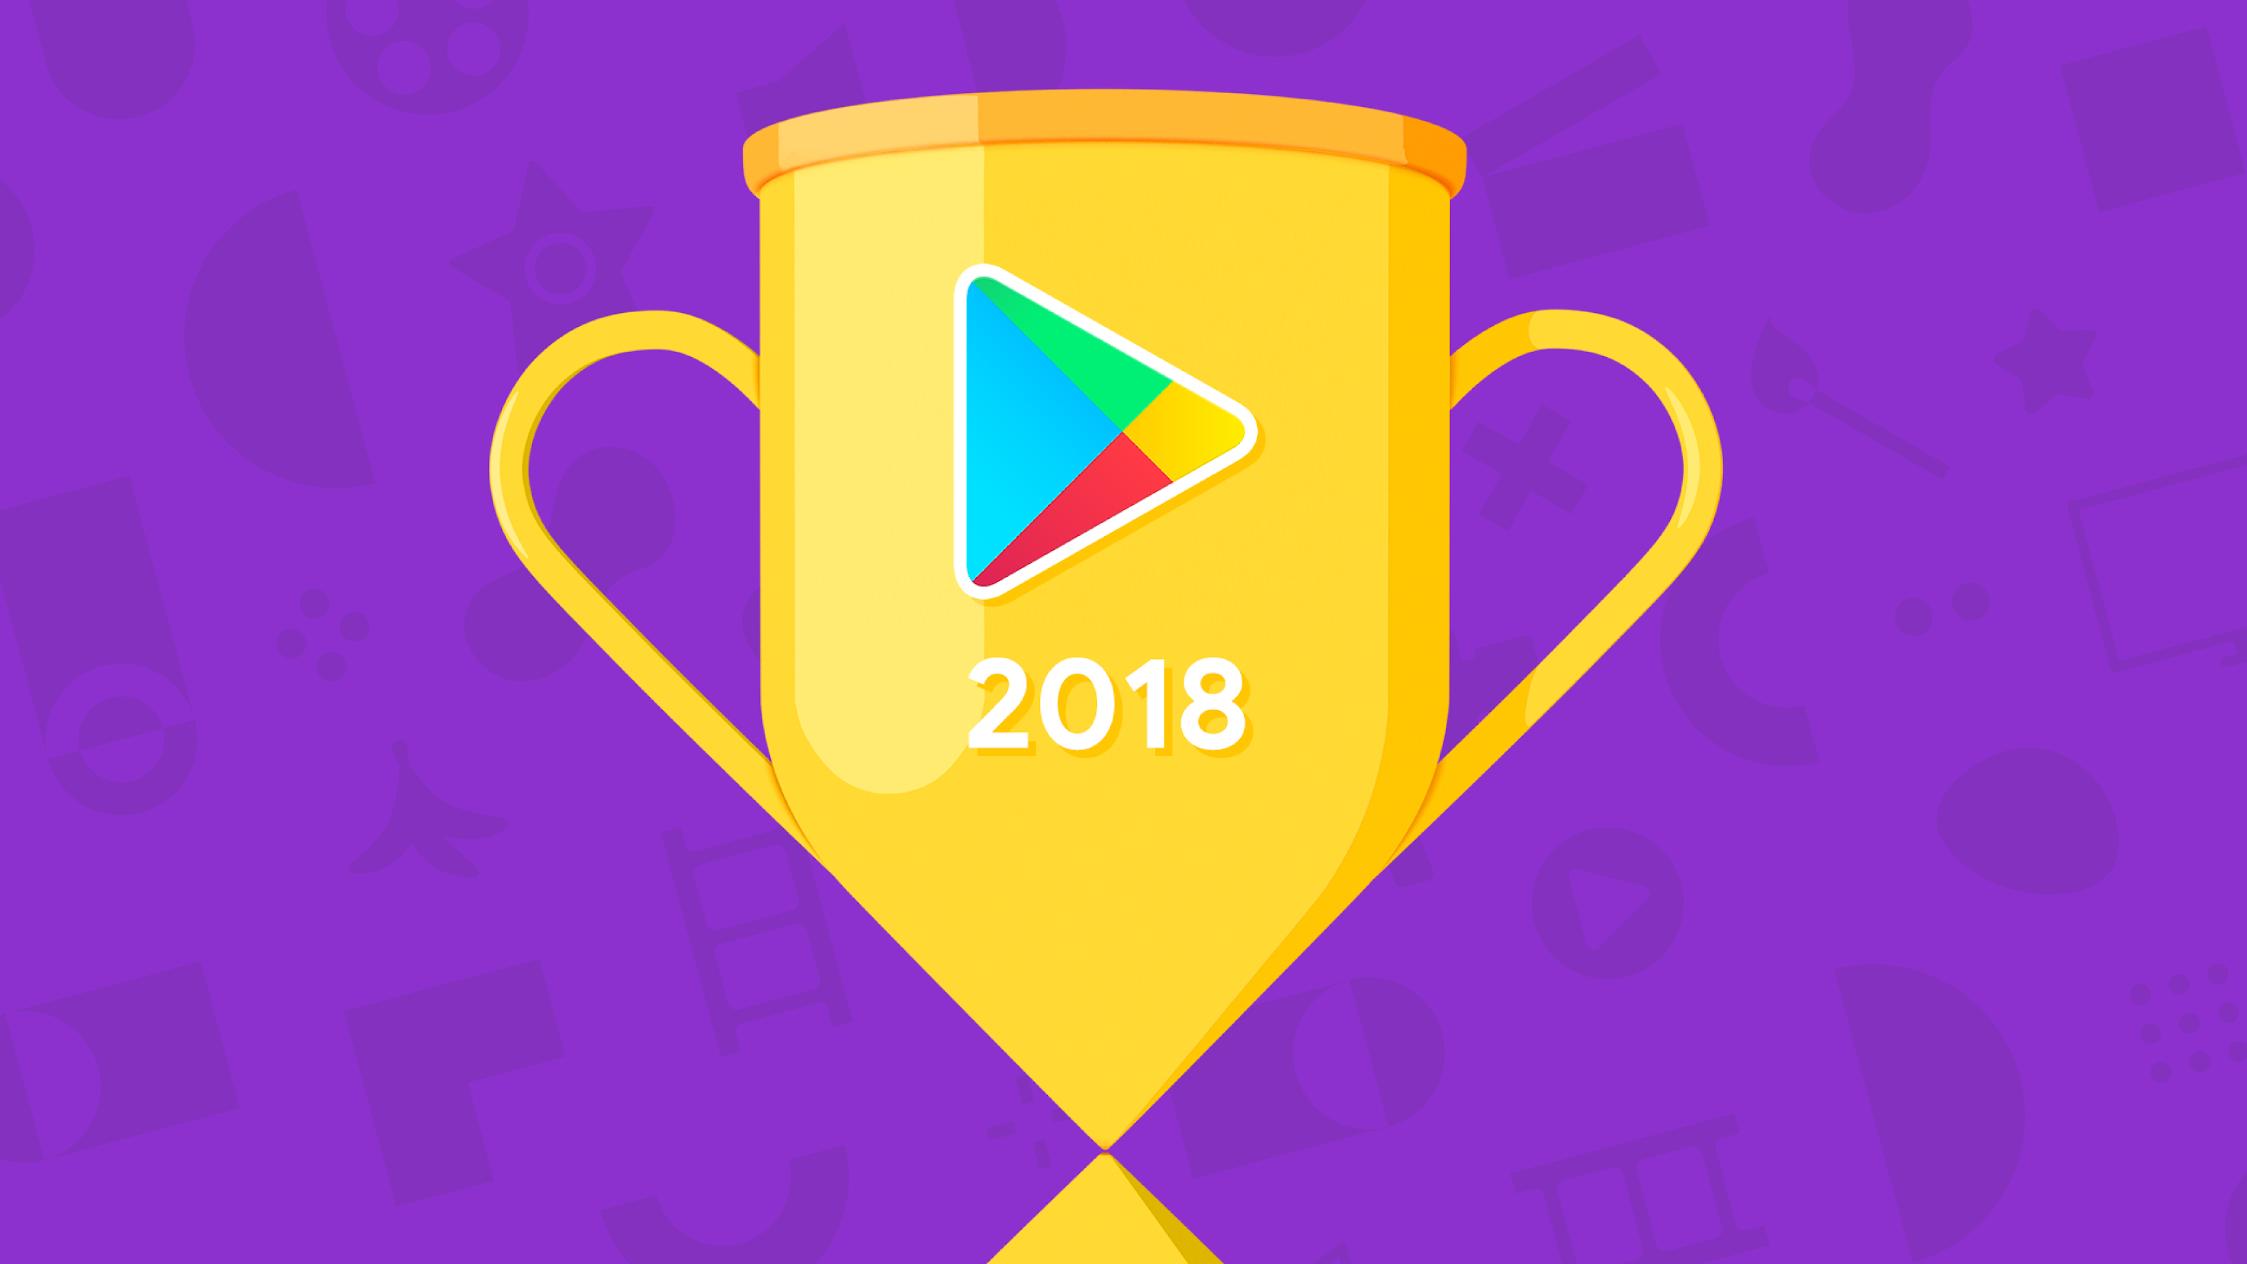 Best TV of 2018